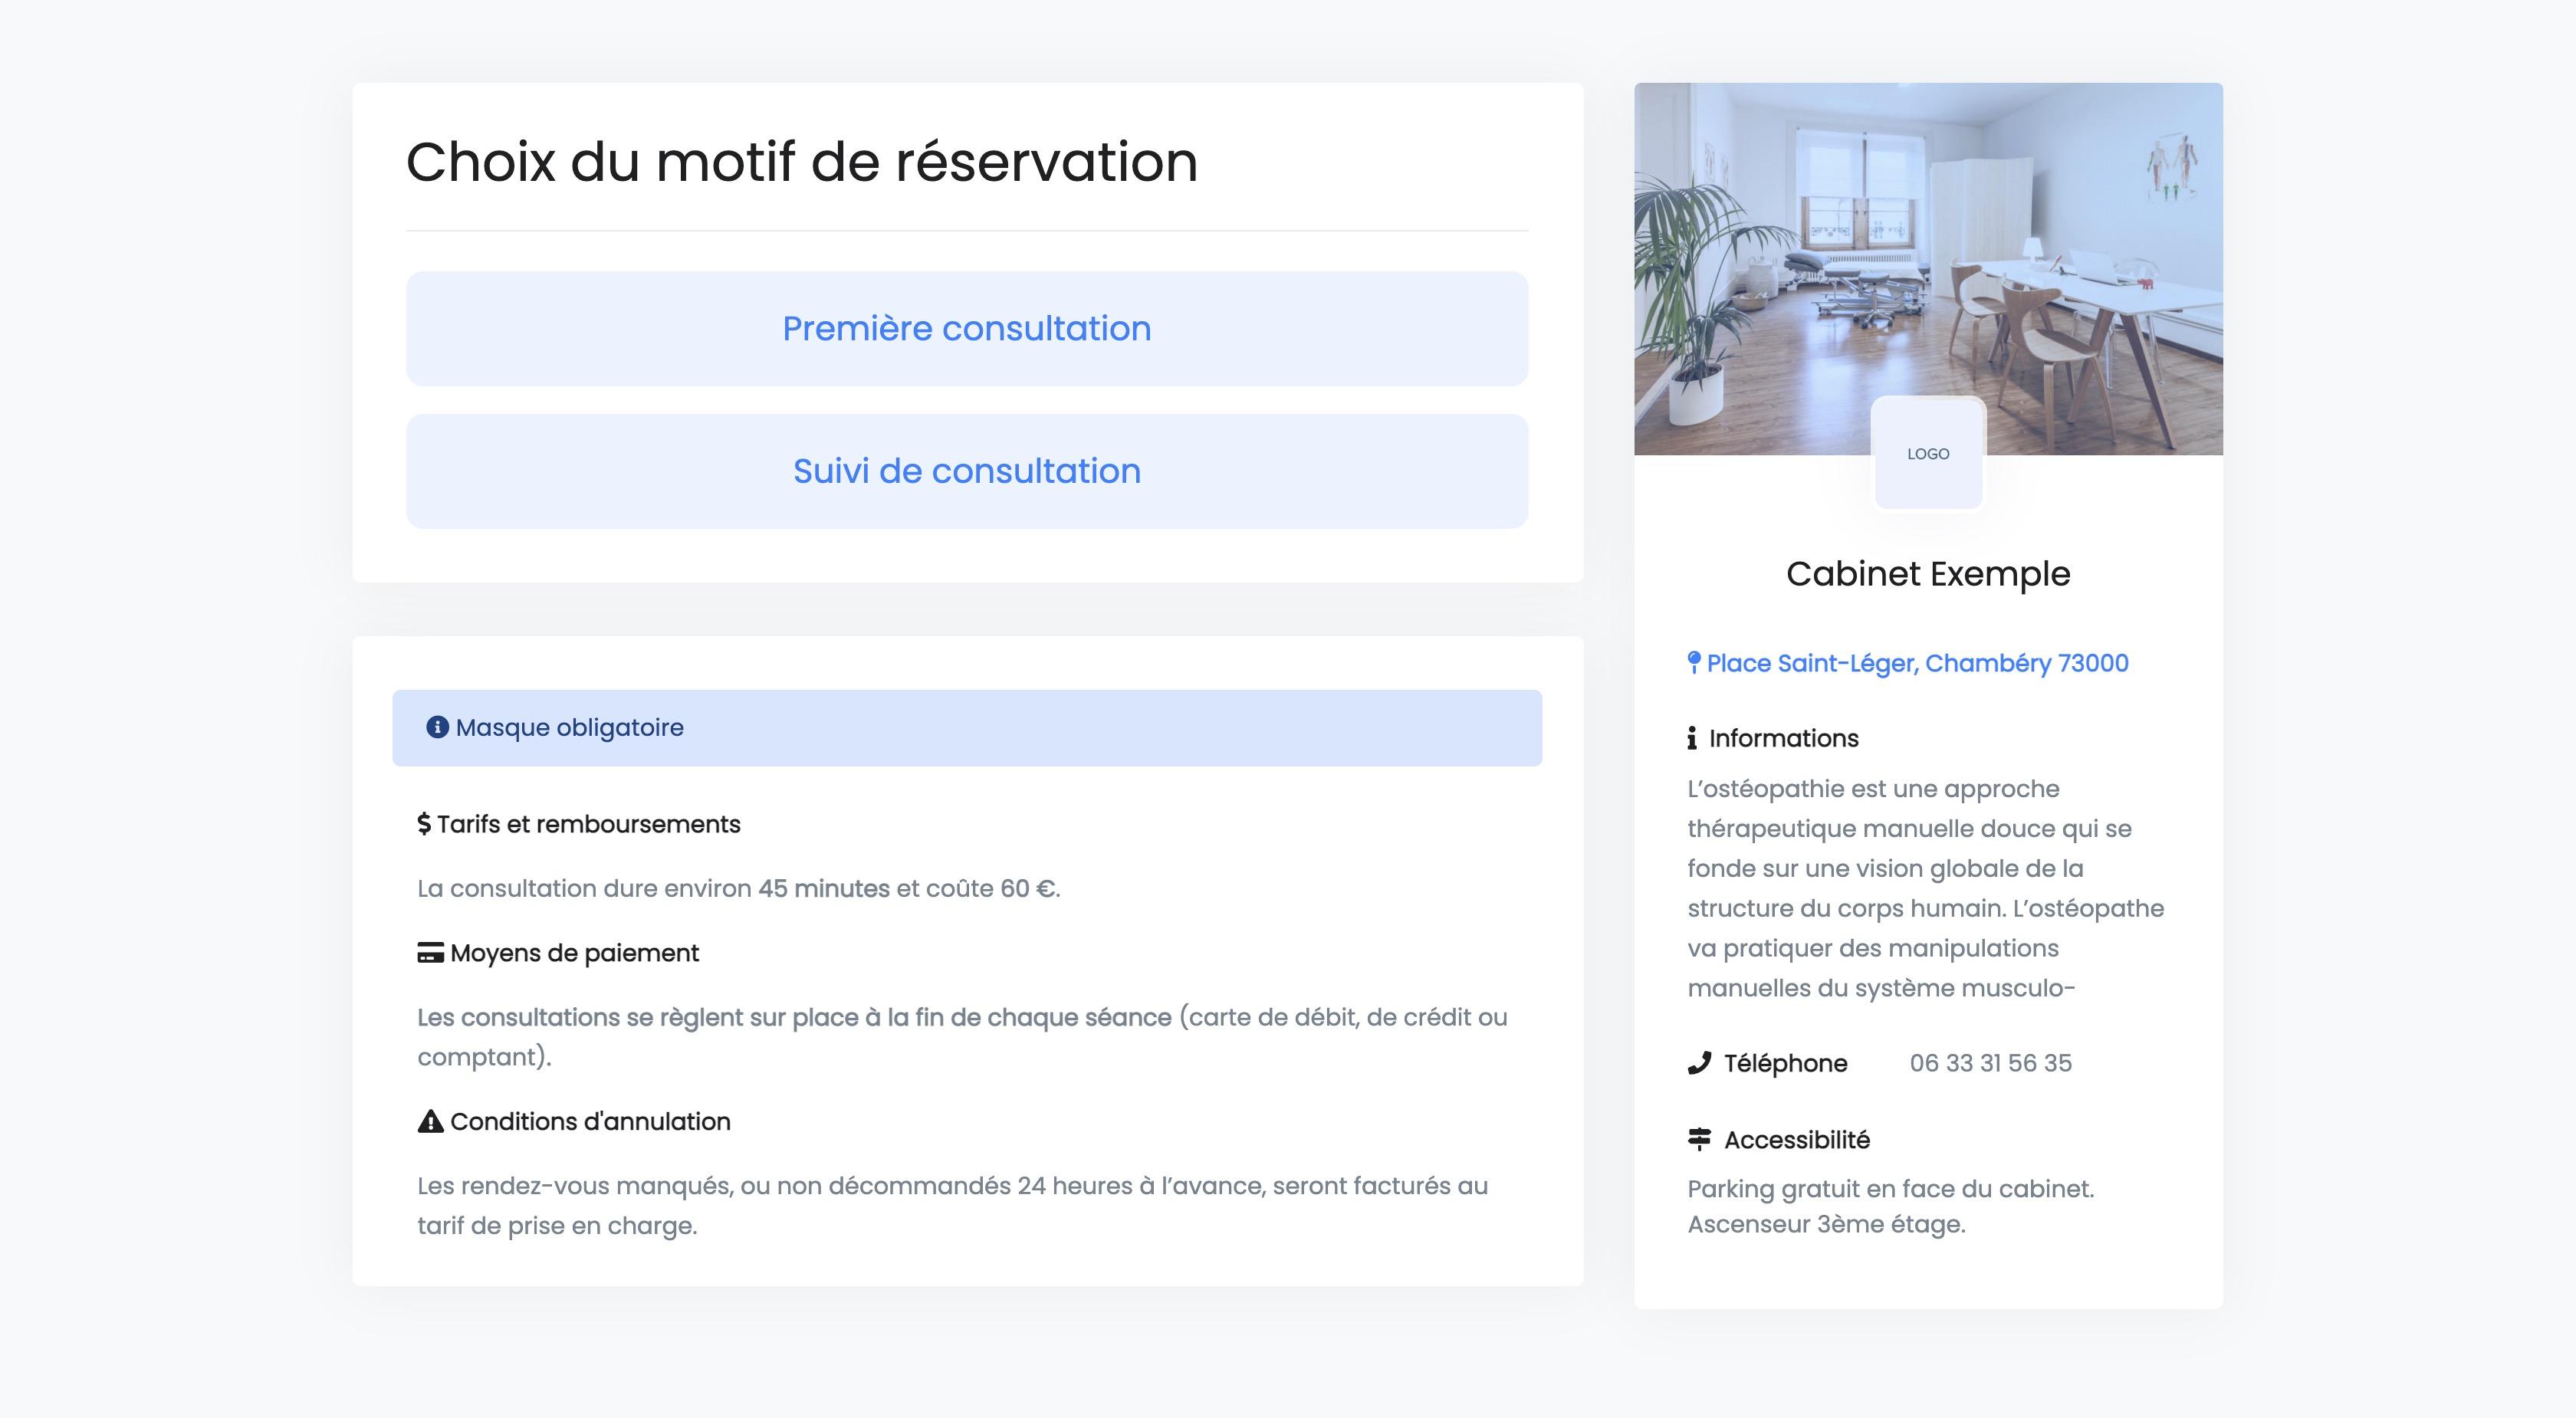 Réservation en ligne | Choix du motif de consultation | THERACIEL